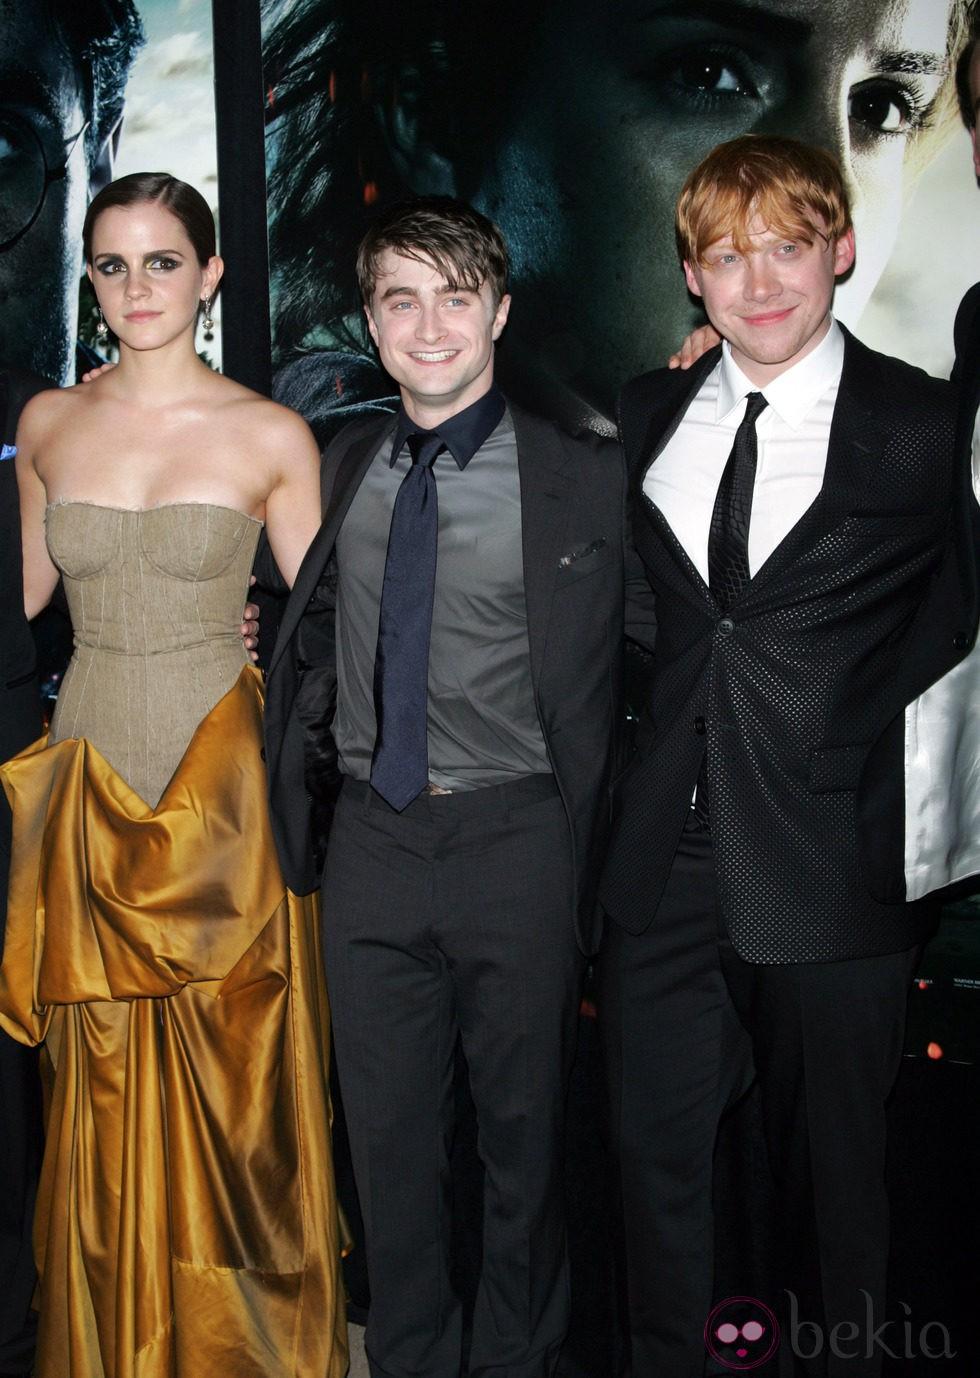 Emma Watson, Daniel Radcliffe y Rupert Grint presentan la última película de Harry Potter en Nueva York